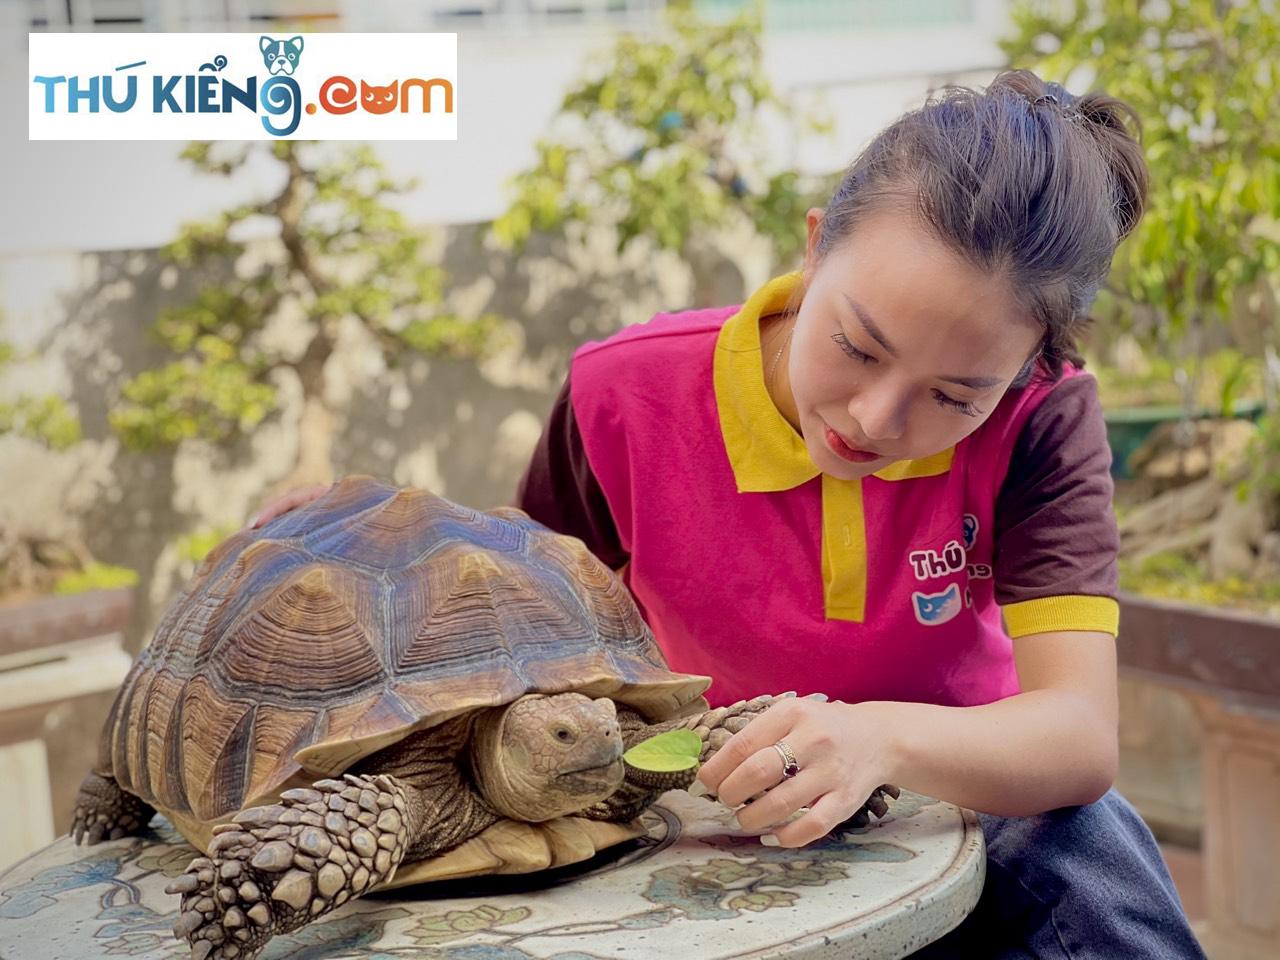 Rùa Sulcata - thú chơi thể hiện đẳng cấp